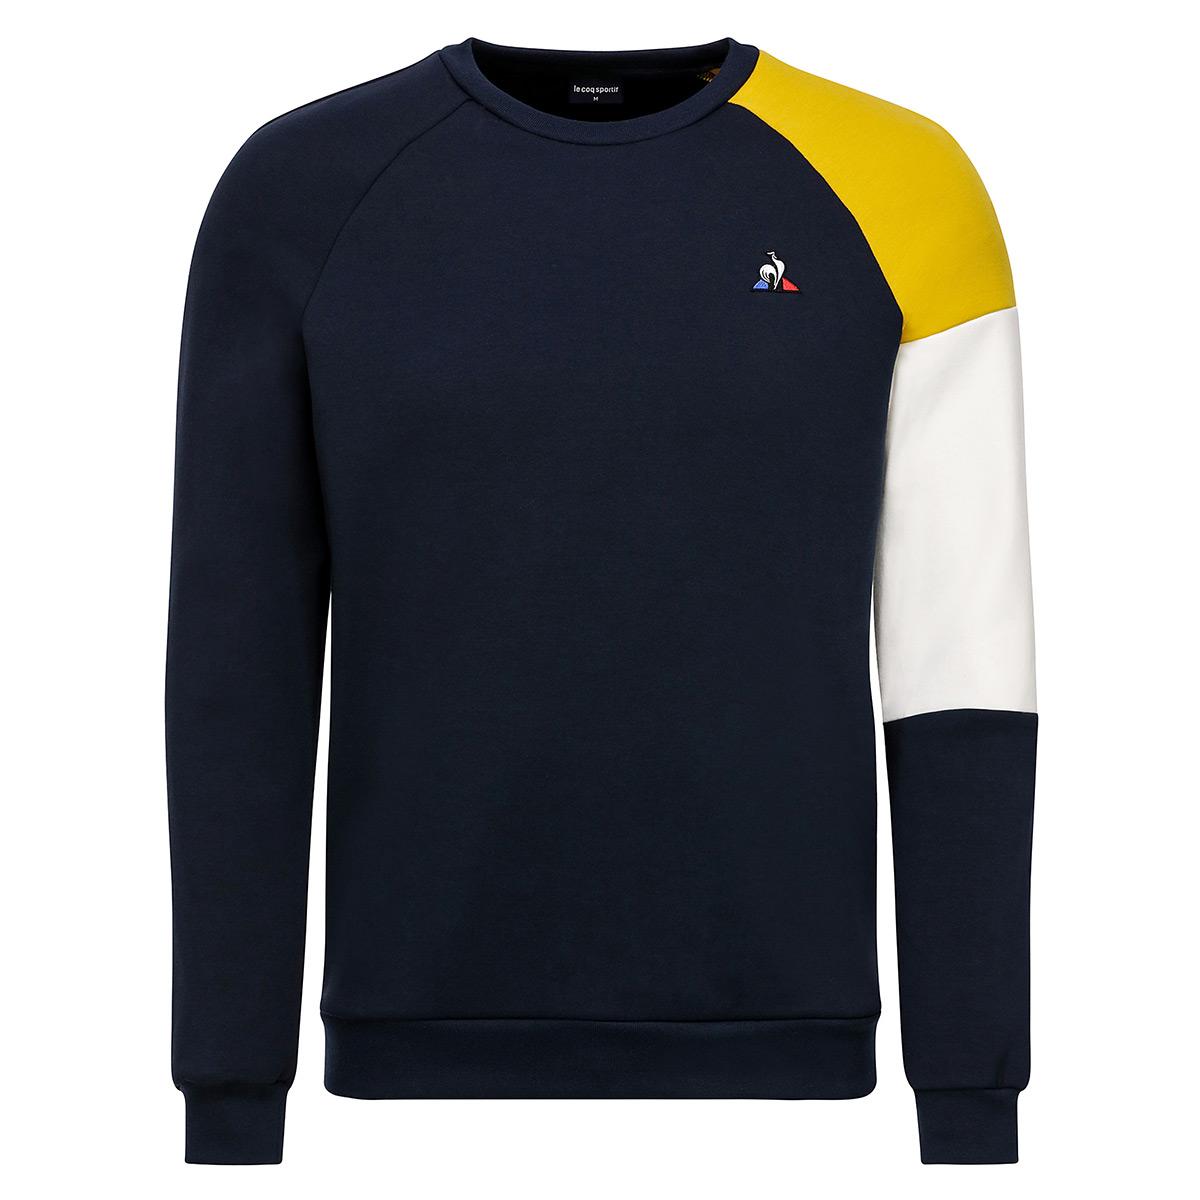 Vêtement Sweats Le Coq Sportif homme Sweat LCS Tech Crew taille Noir Coton